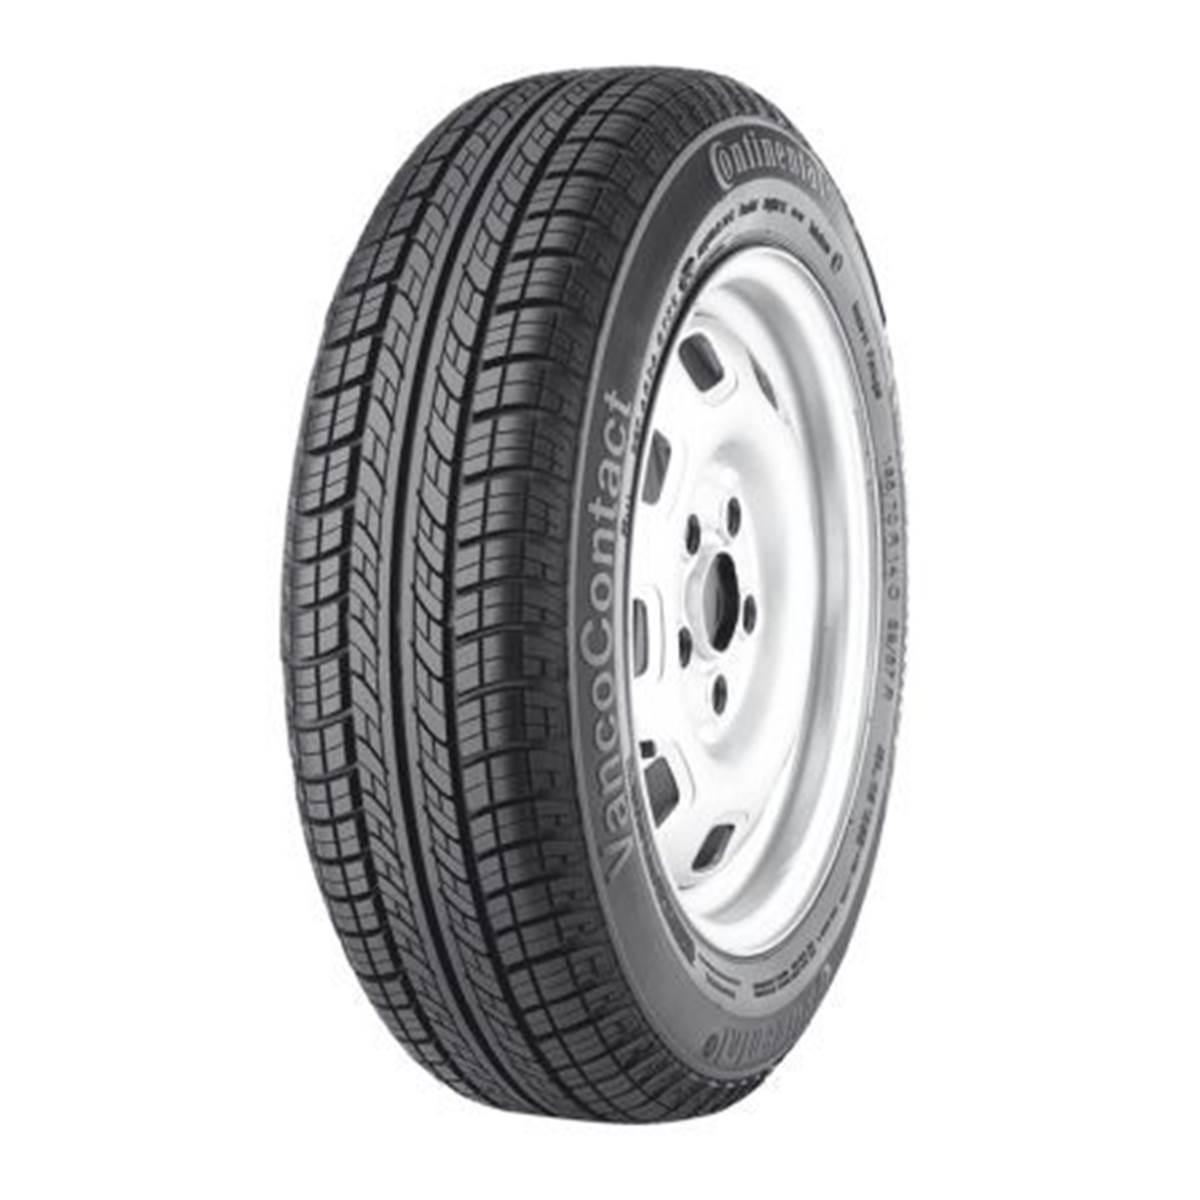 pneu continental vancocontact 2 moins cher sur pneu pas cher. Black Bedroom Furniture Sets. Home Design Ideas